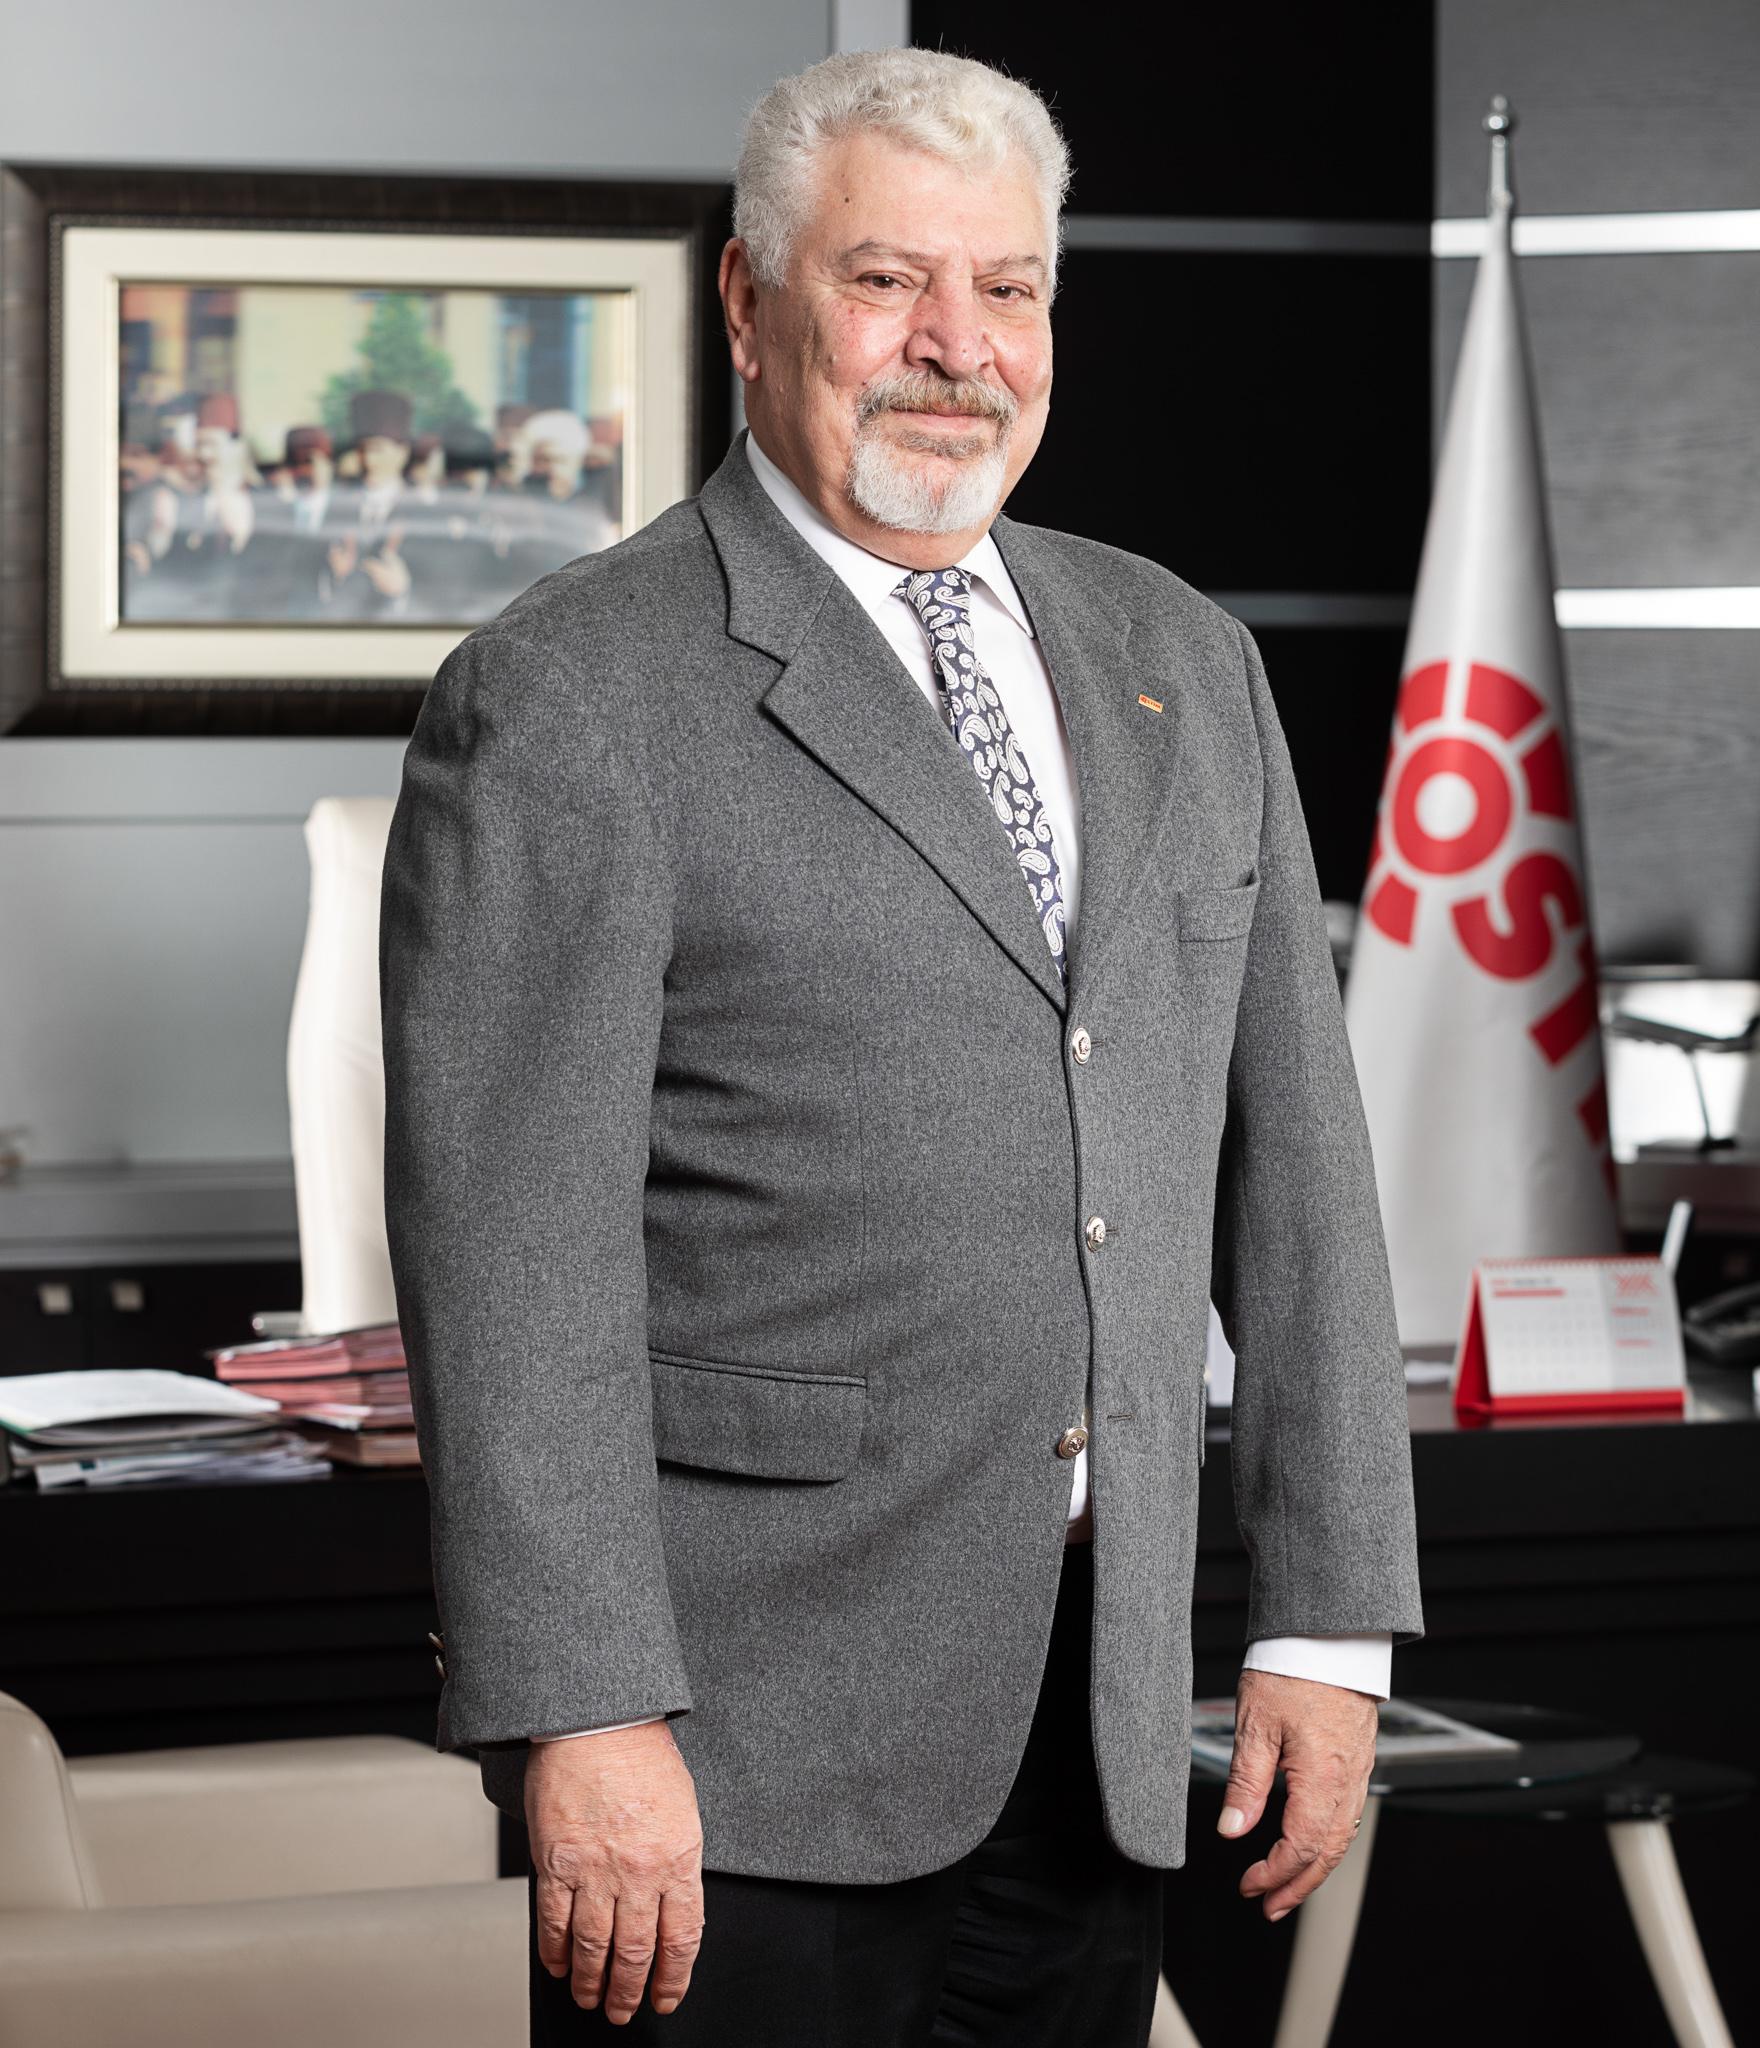 OSSA Yönetim Kurulu Başkanı Mithat ERTUĞ : Bu süreçte firmalarımızın Cirolarında %30-%40 Oranında Düşüş Oldu